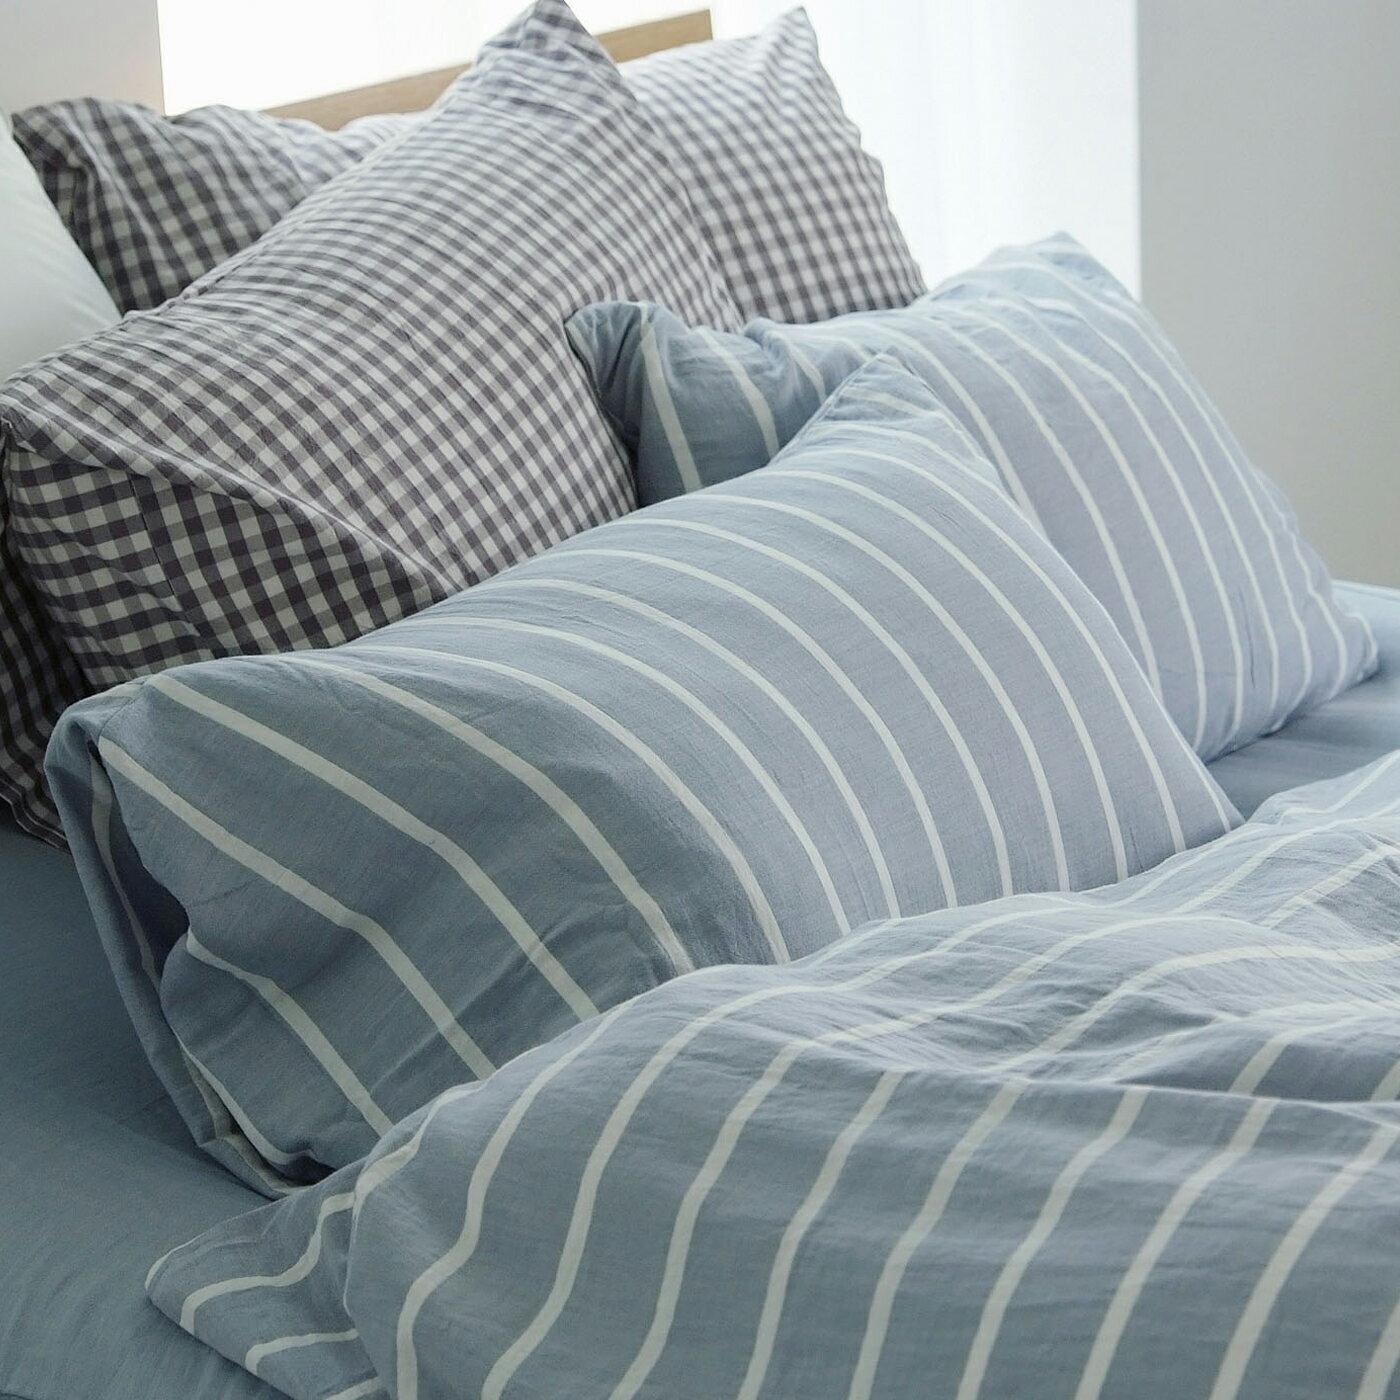 枕套-2入 [雙層紗-藍] 新疆棉寢織品;自然無印;簡約設計;翔仔居家